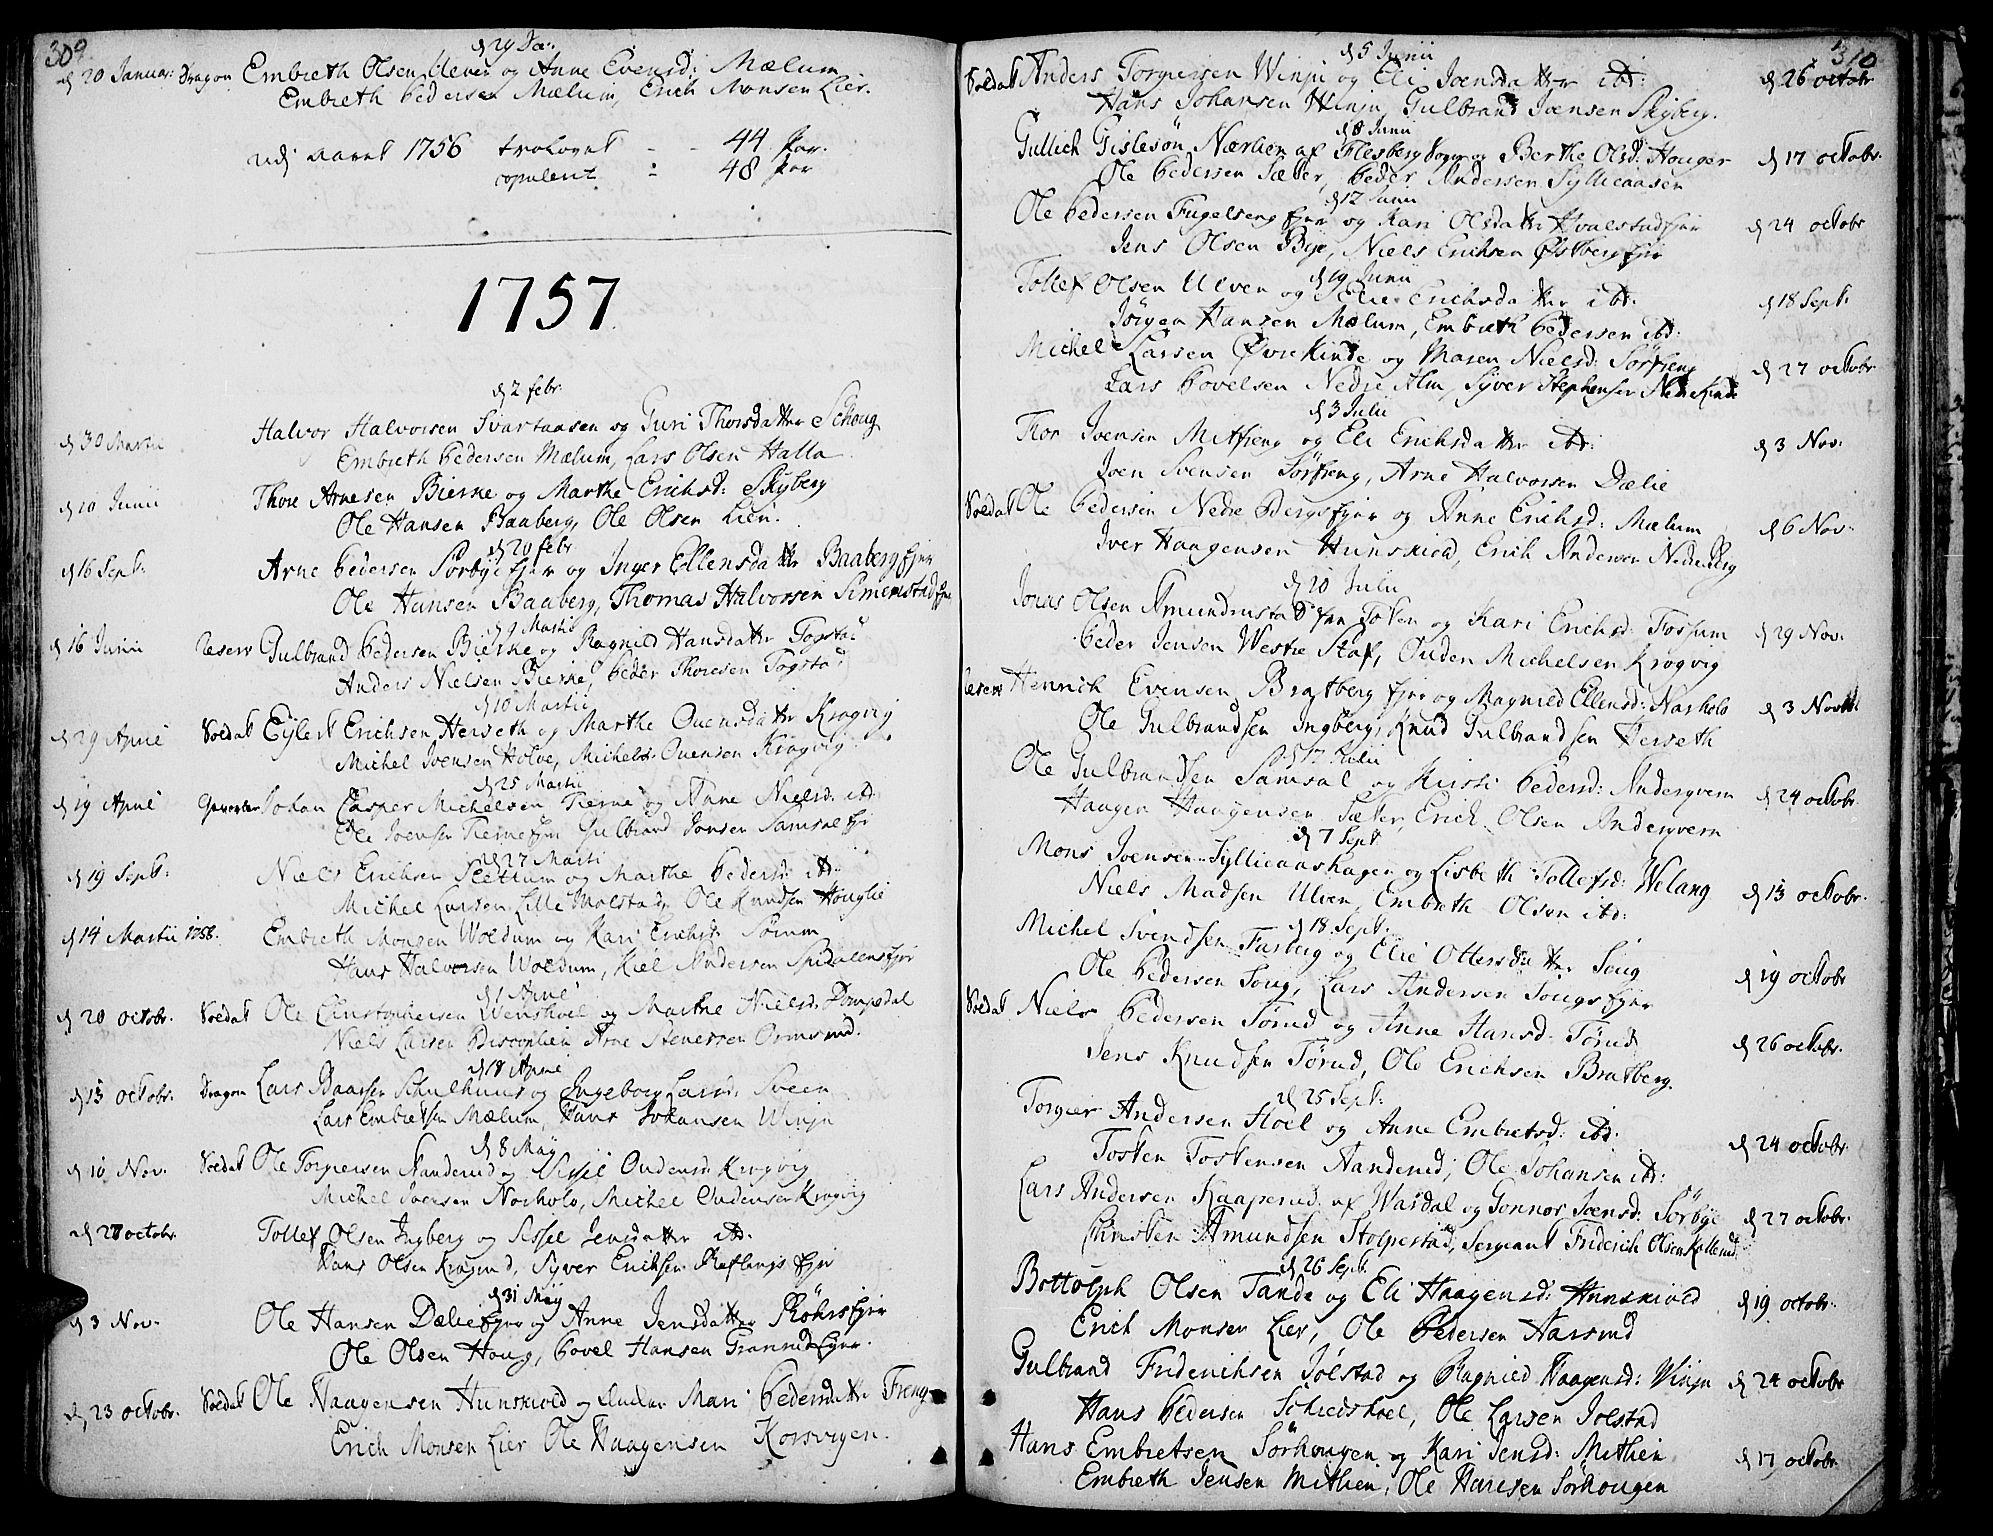 SAH, Ringsaker prestekontor, K/Ka/L0002: Ministerialbok nr. 2, 1747-1774, s. 309-310